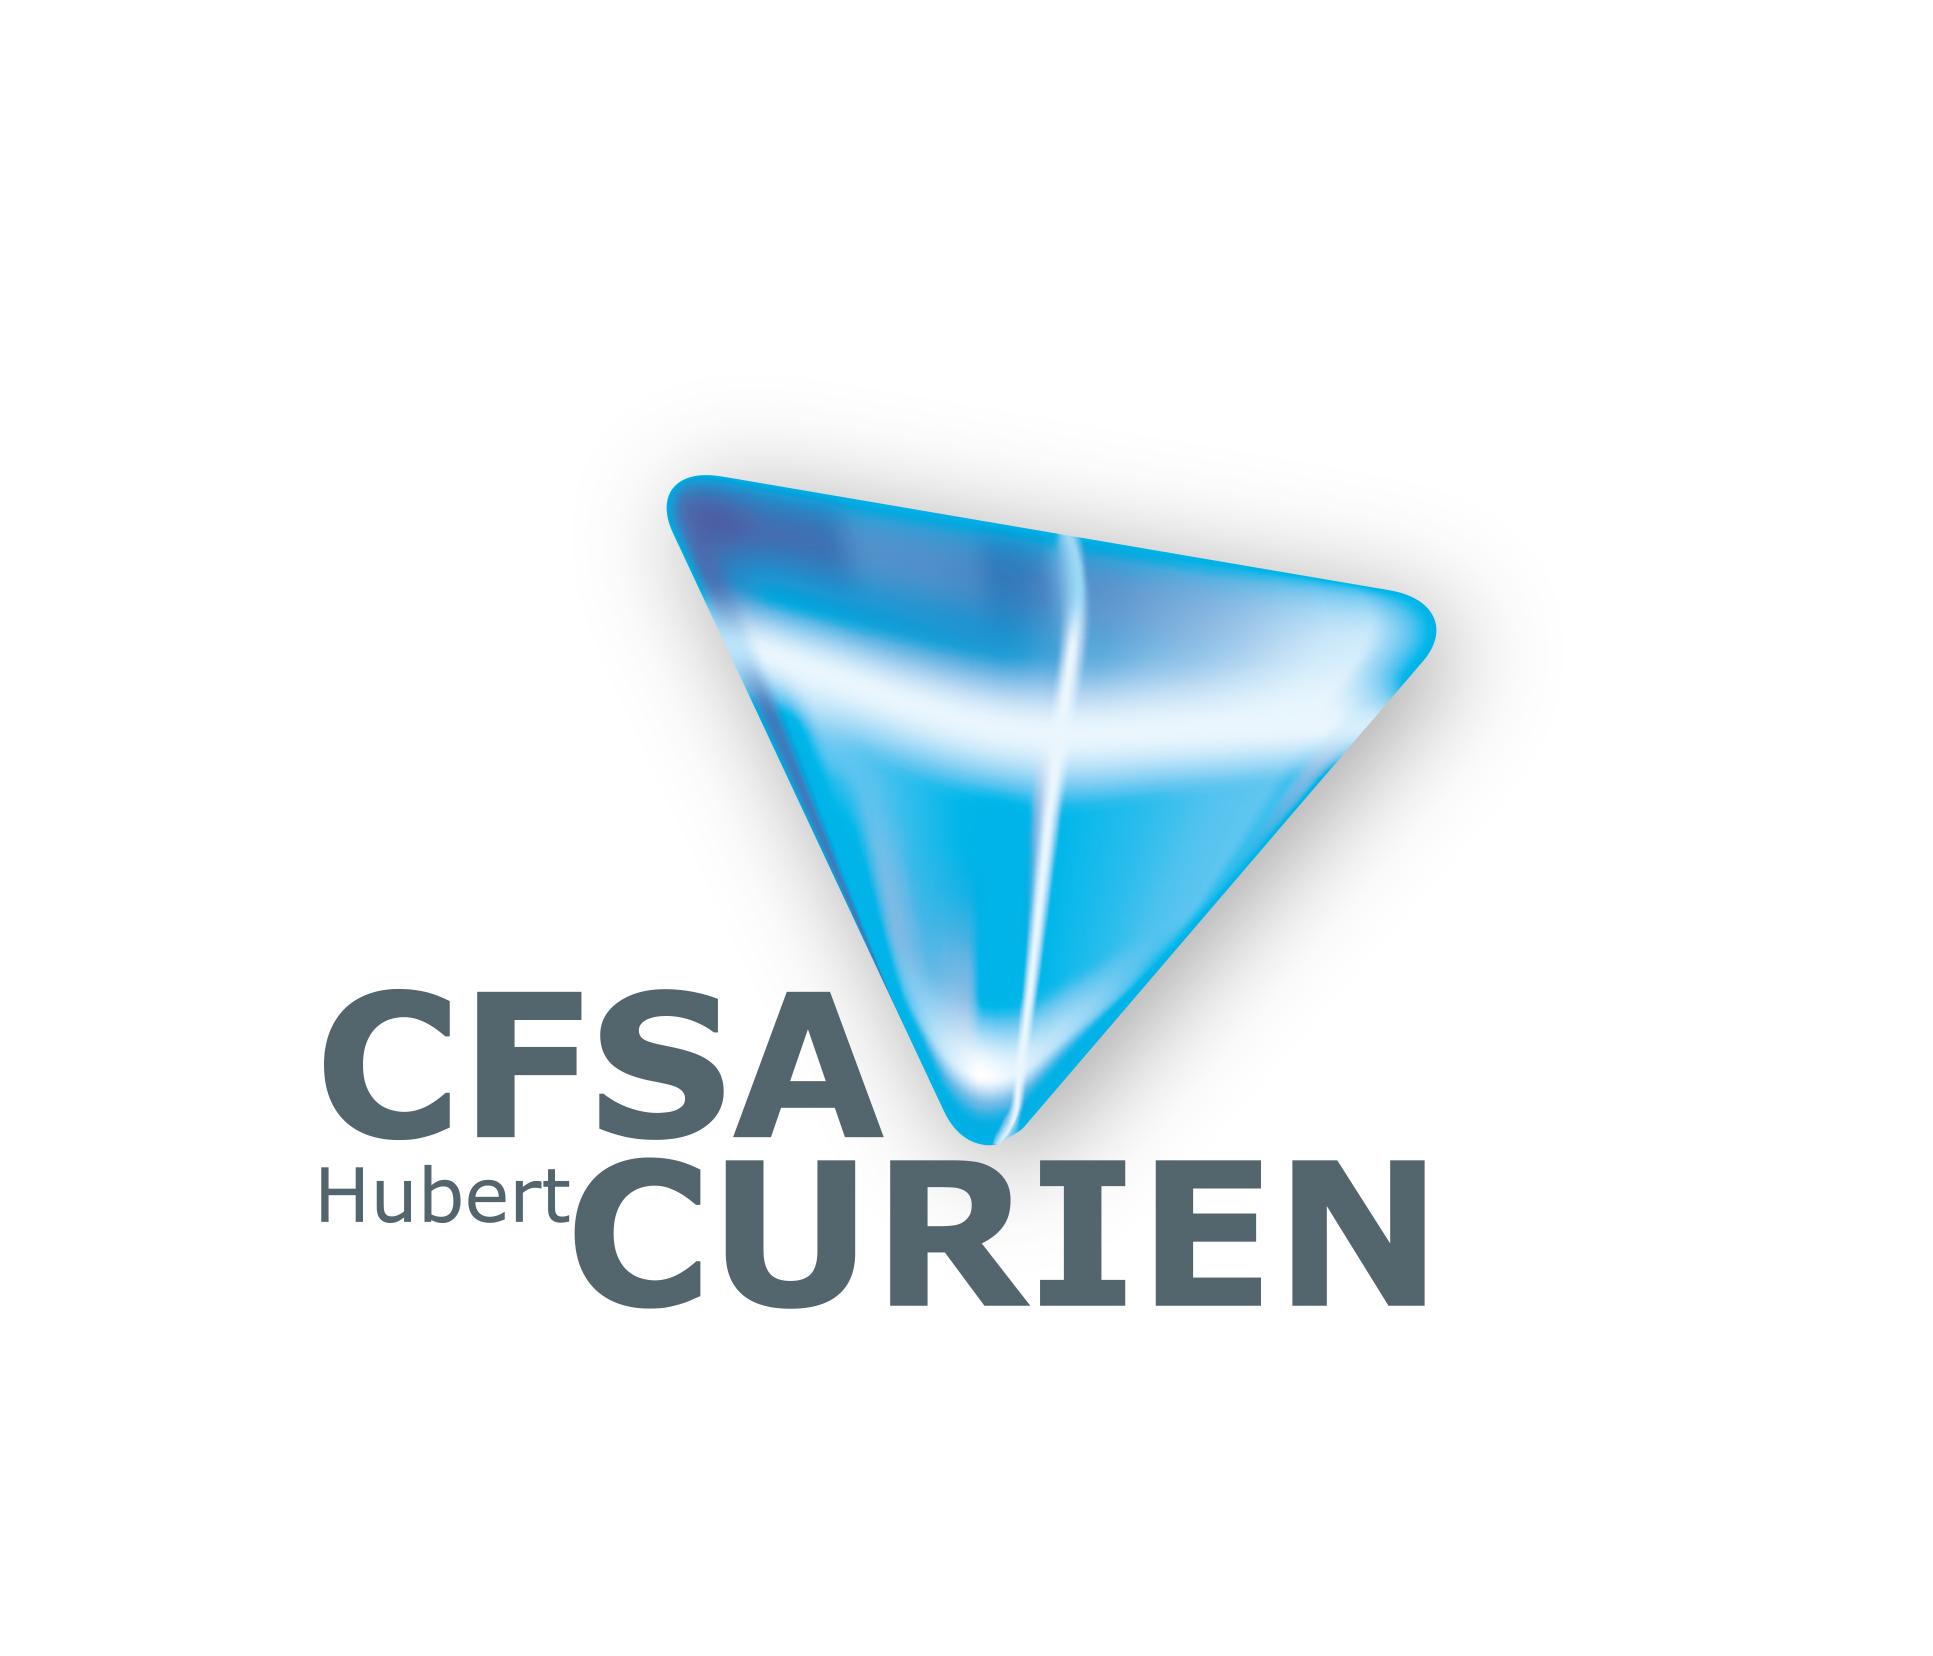 CFSA Hubert Curien